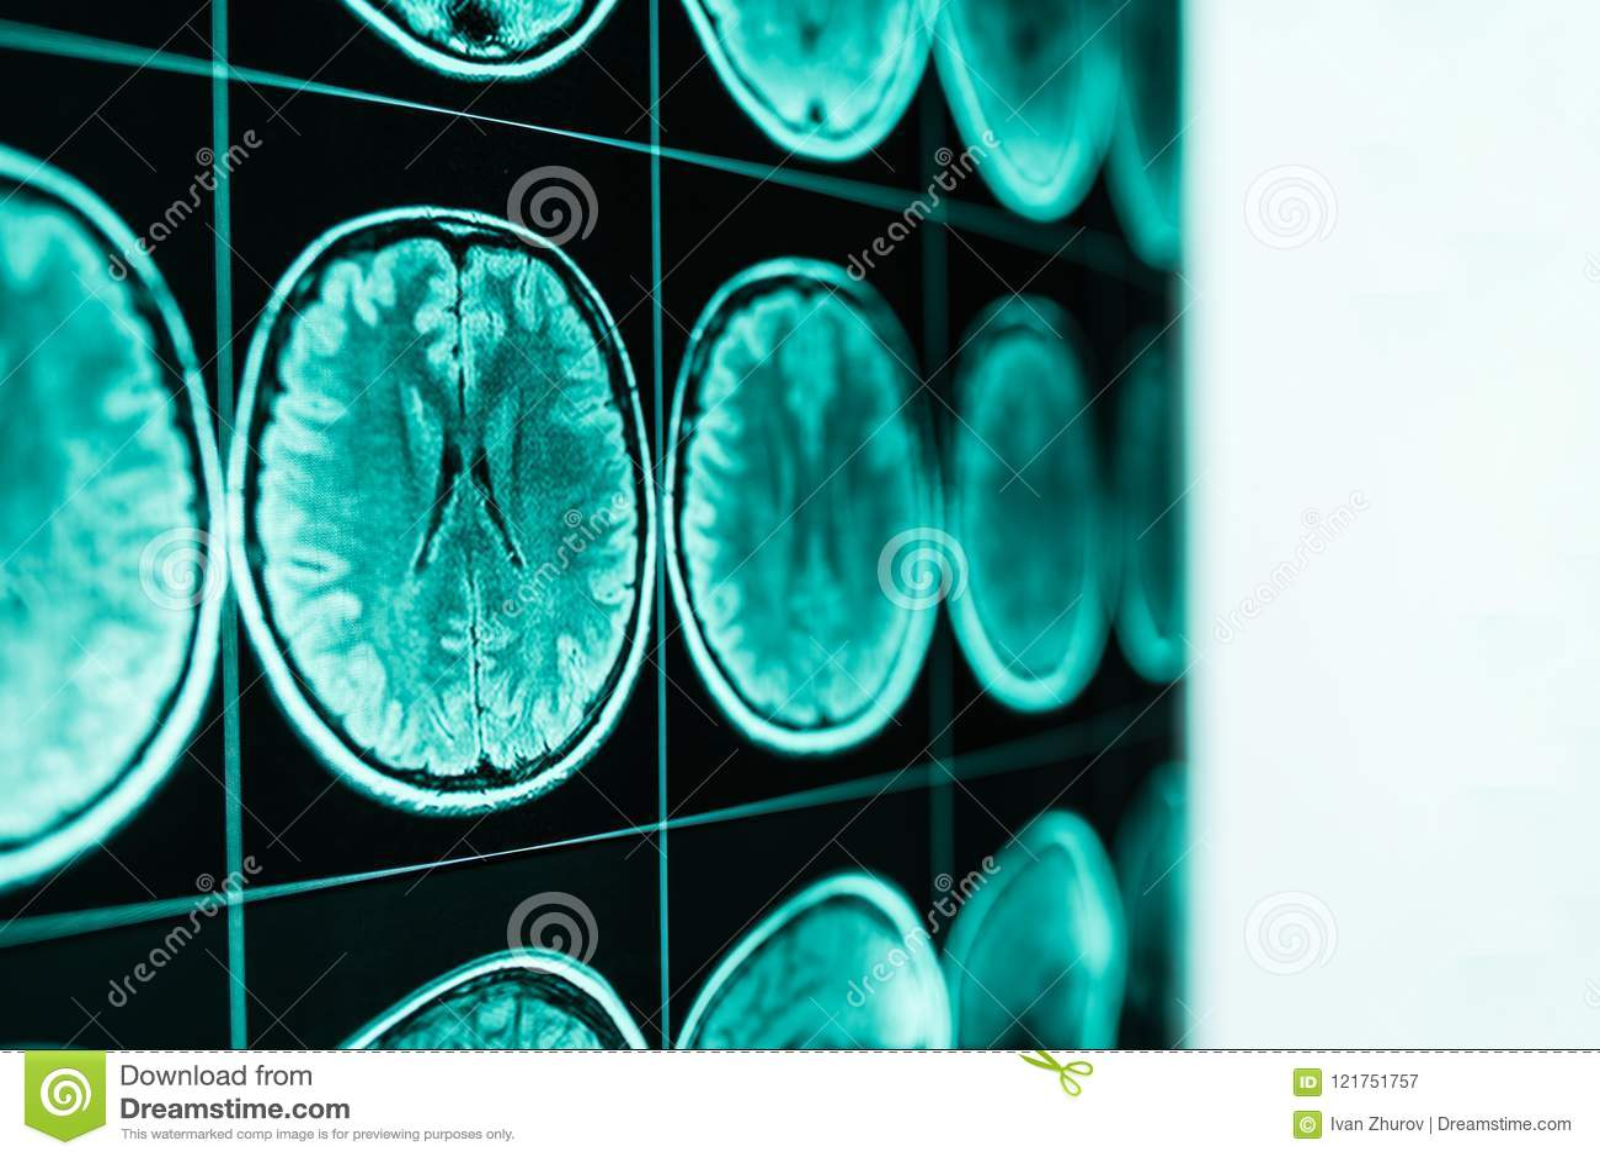 Рентгеновский снимок головы и мозга, MRI, в defocus